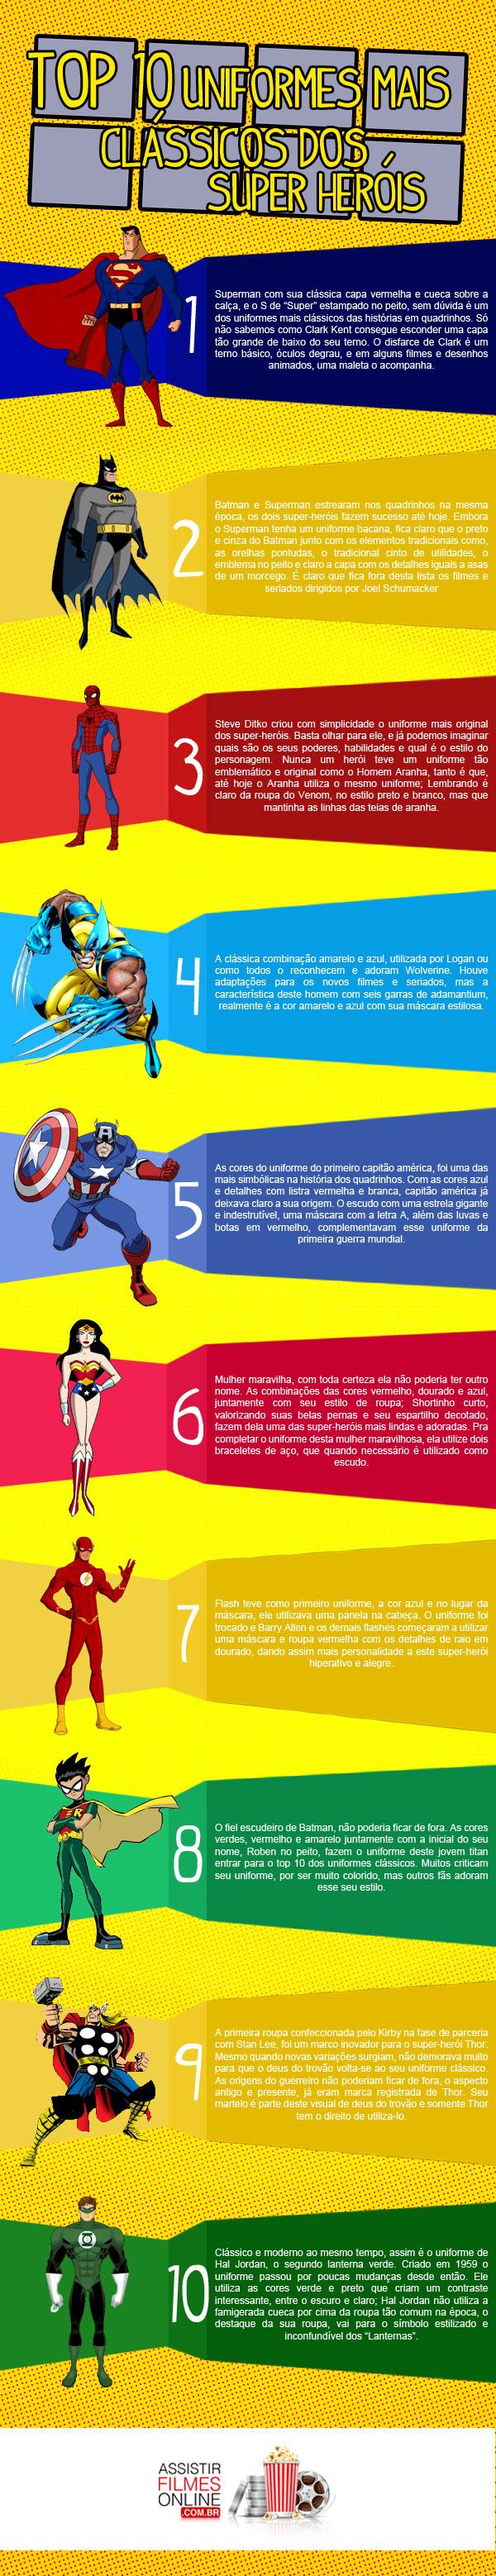 uniformes dos herois Conheça aqui os 10 top uniformes dos super heróis!